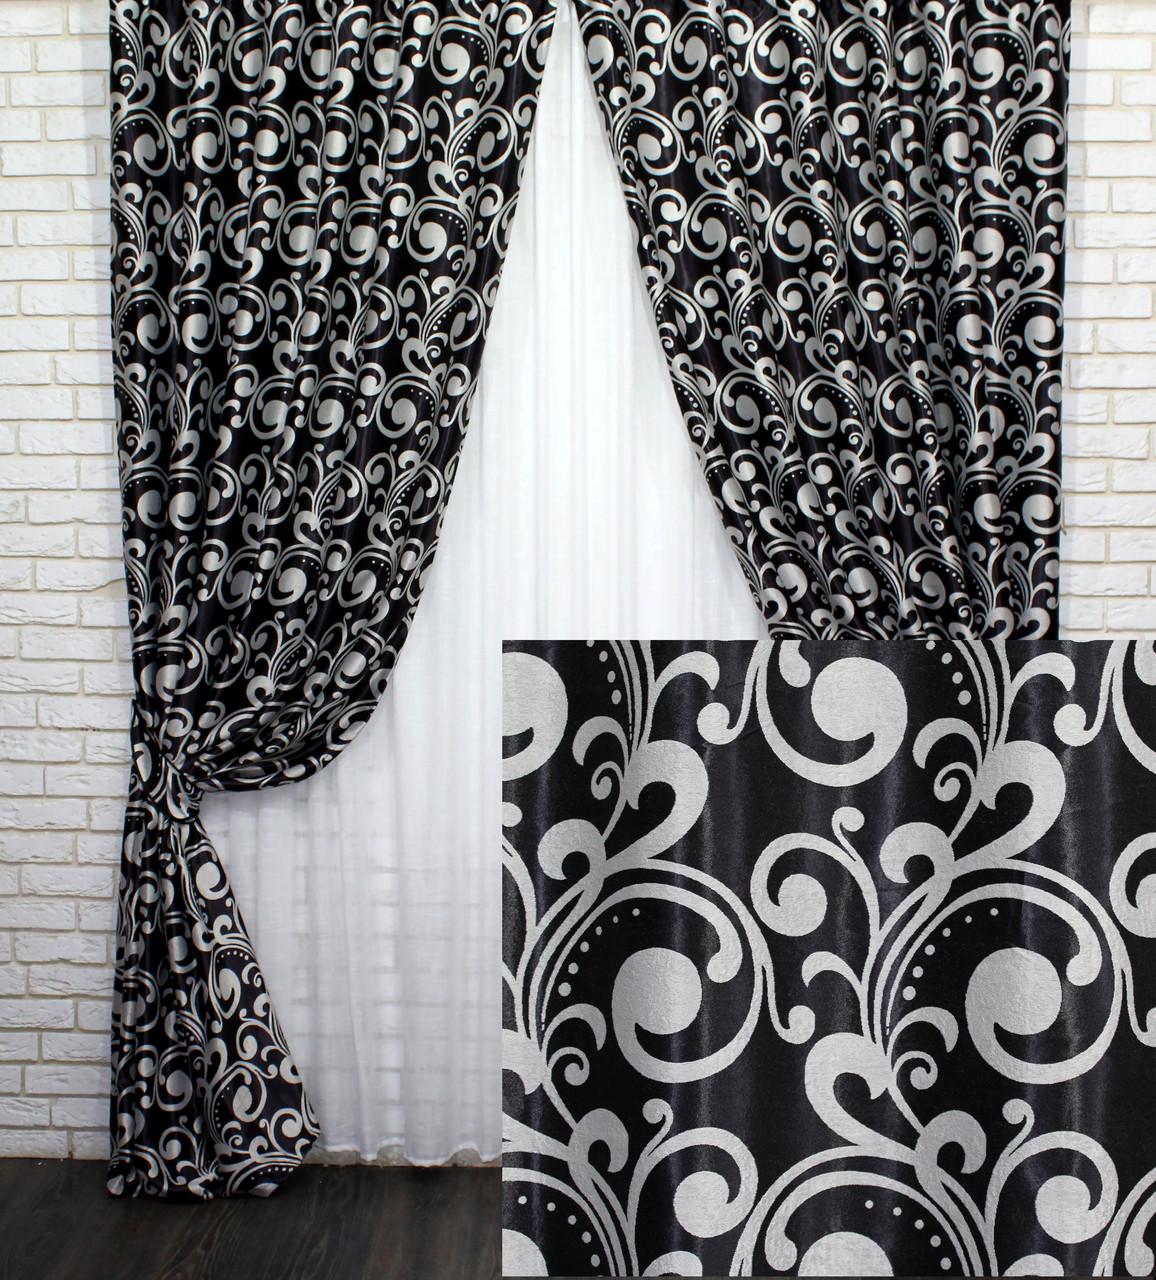 Шторы (2шт. 1.5х2.7м.) из ткани блэкаут-софт. Цвет чёрный с серым. Код 694ш 30-487